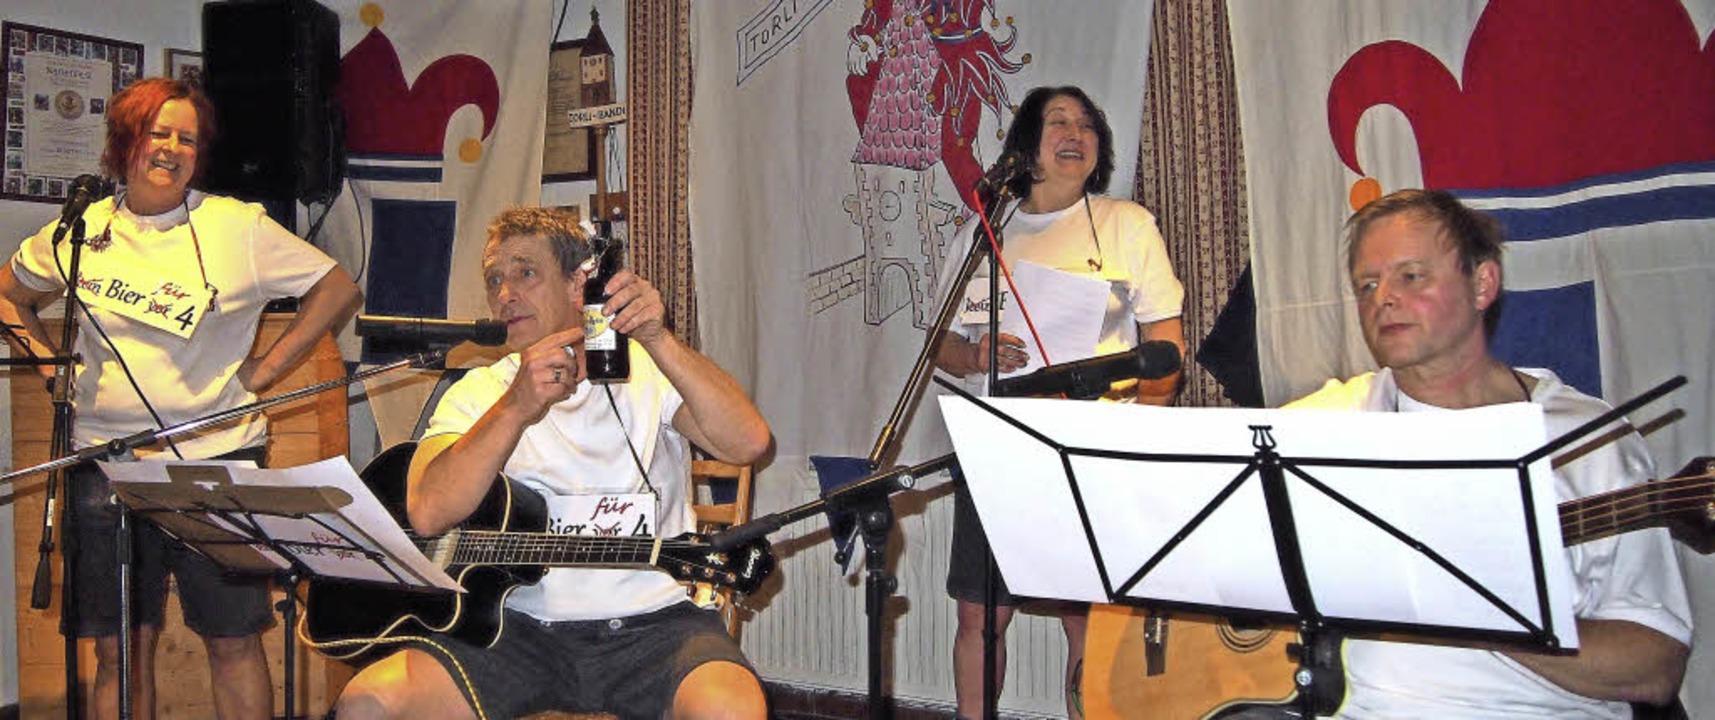 Mit Gitarre und Gesang unterhielten Ut...220; beim Kappenabend der Torli-Bandi.  | Foto: Privat